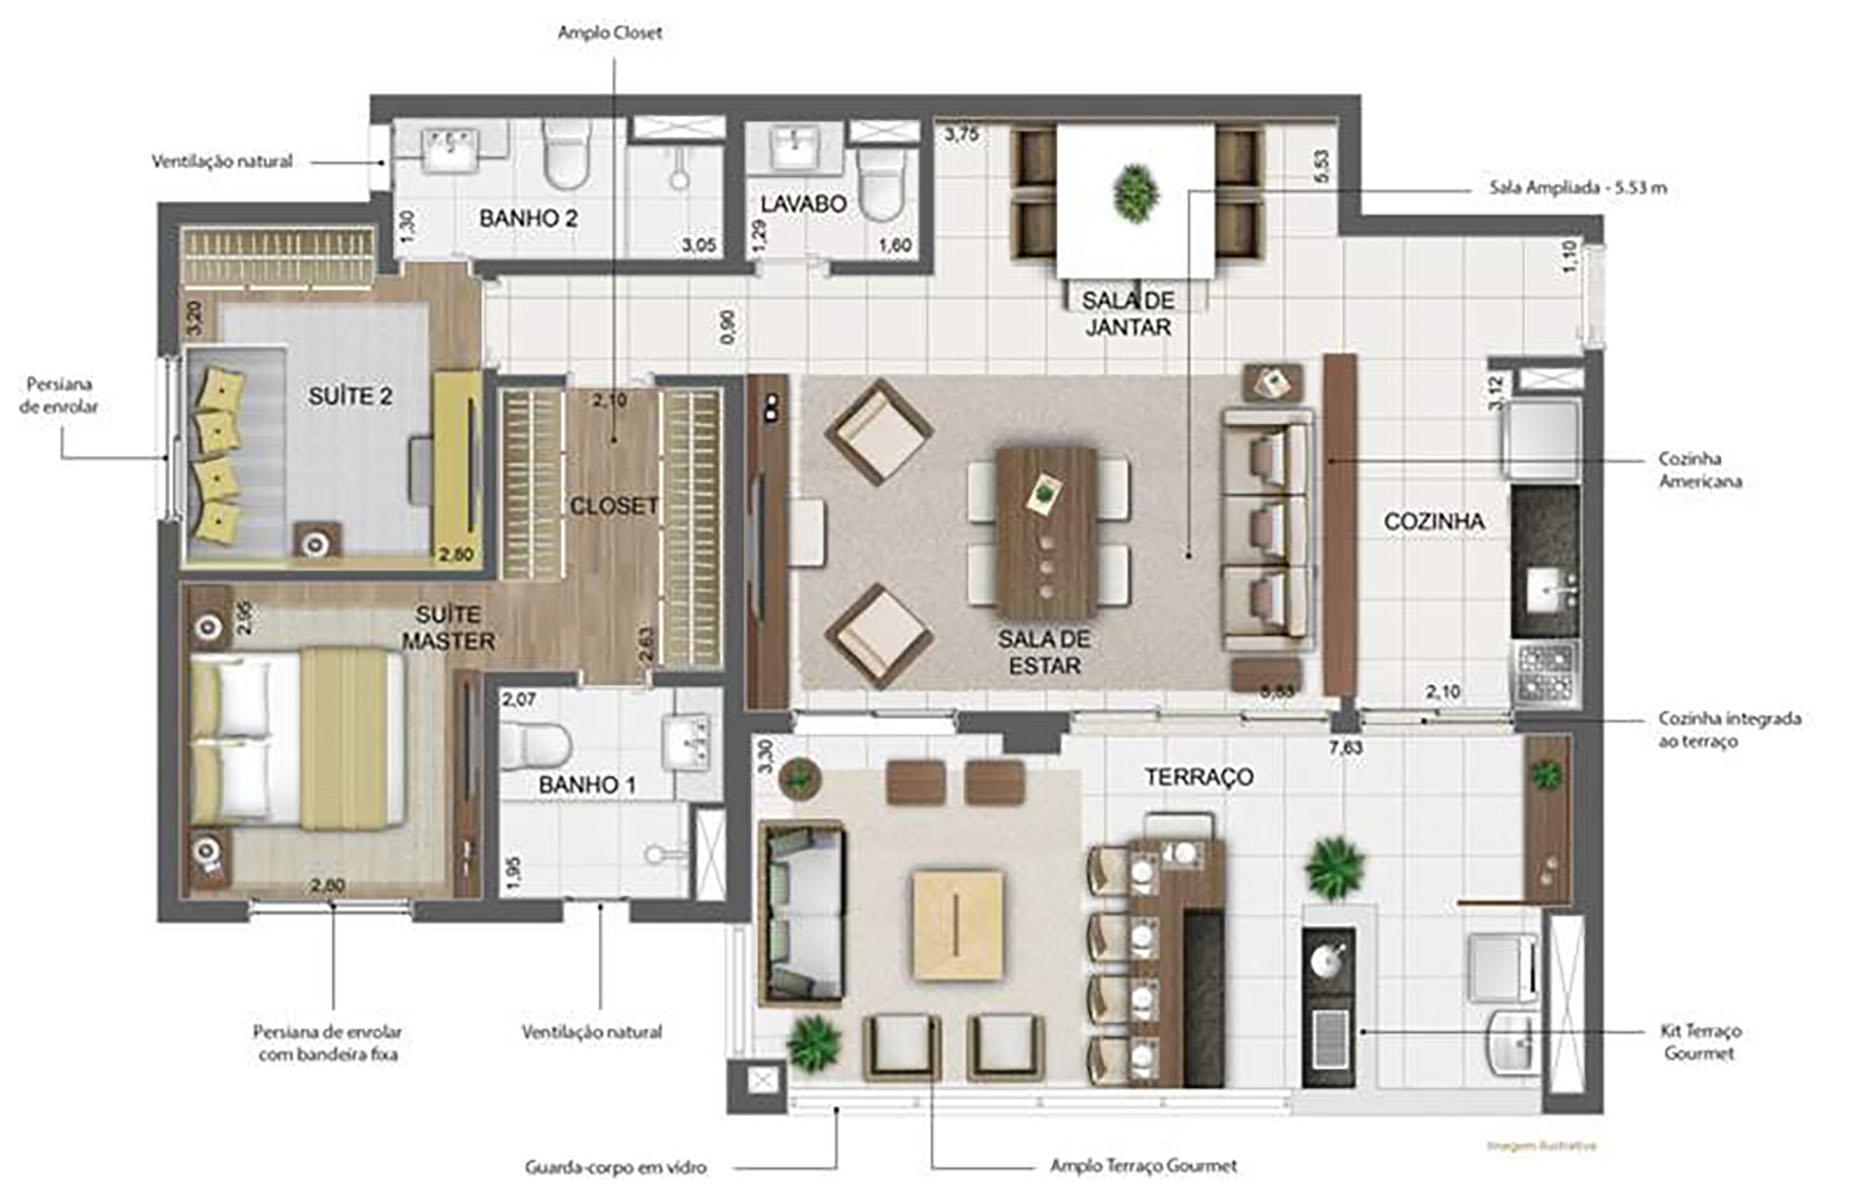 111 m² Sala Ampliada › NEW PARKER